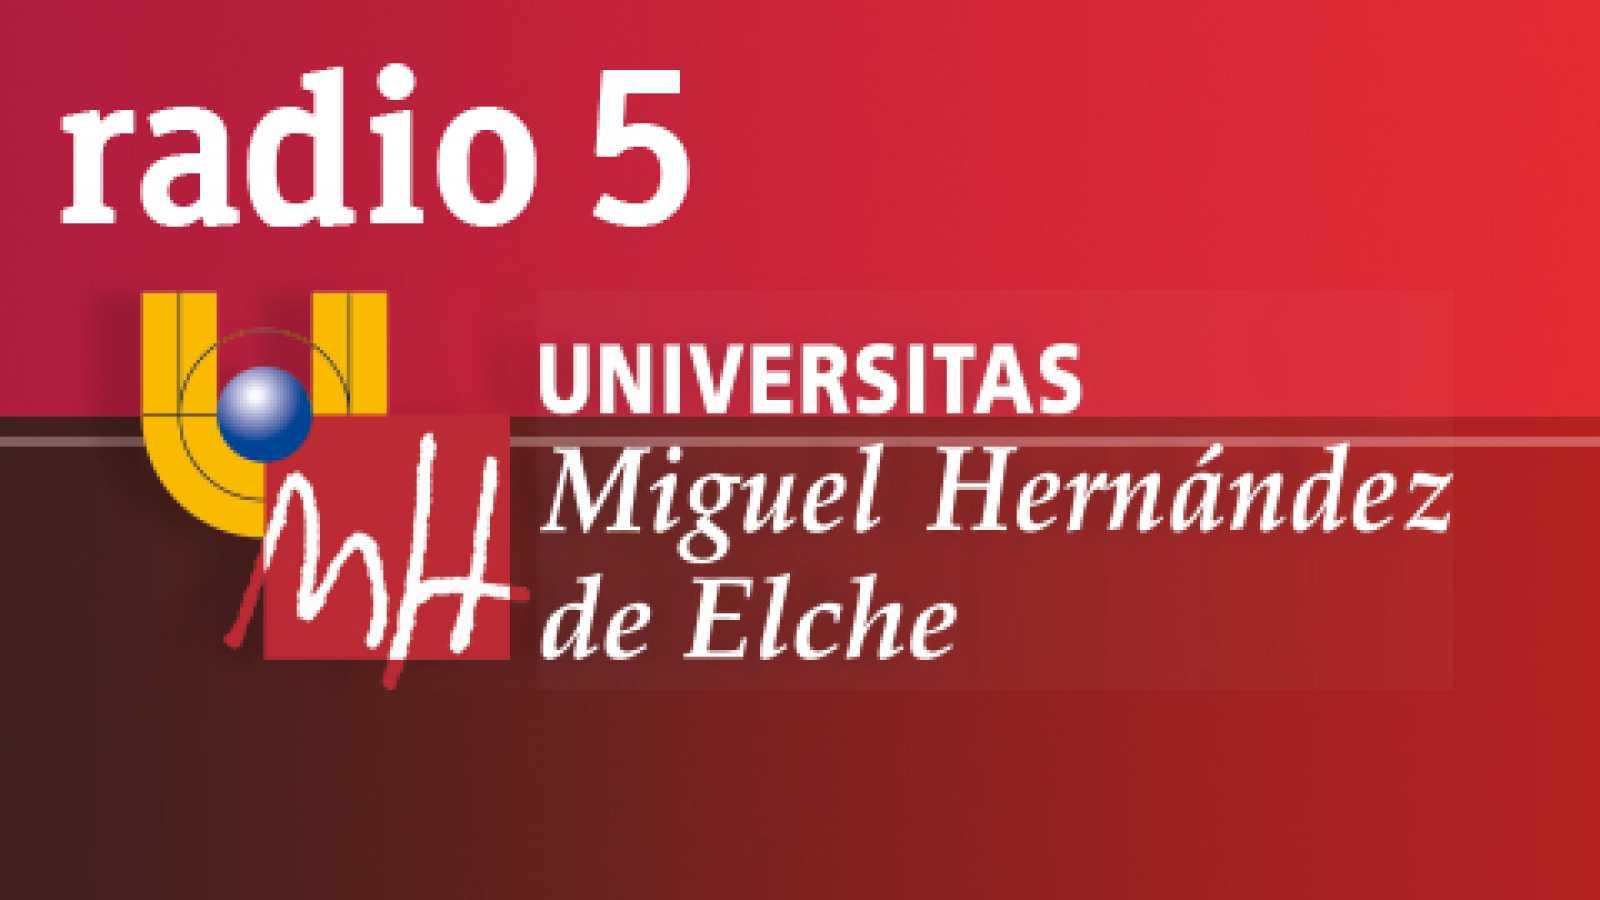 Onda Universitas - ¿Sabemos lo que es un concepto? - 23/11/17 - escuchar ahora